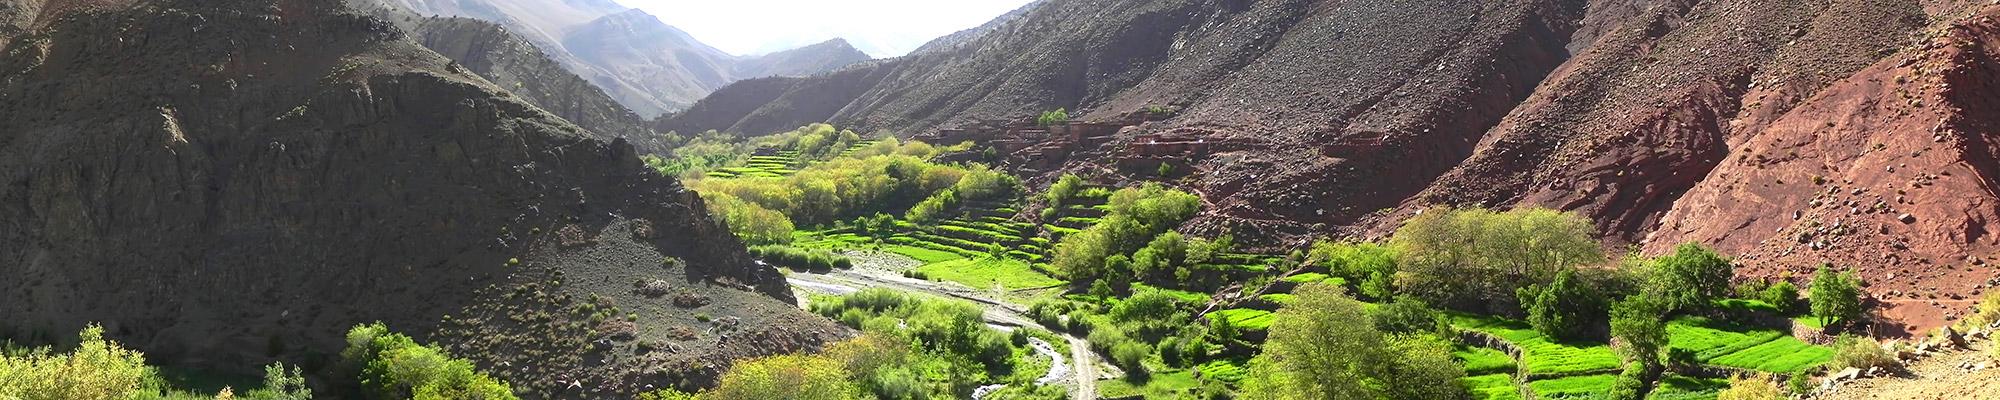 Marokko_Kopf2